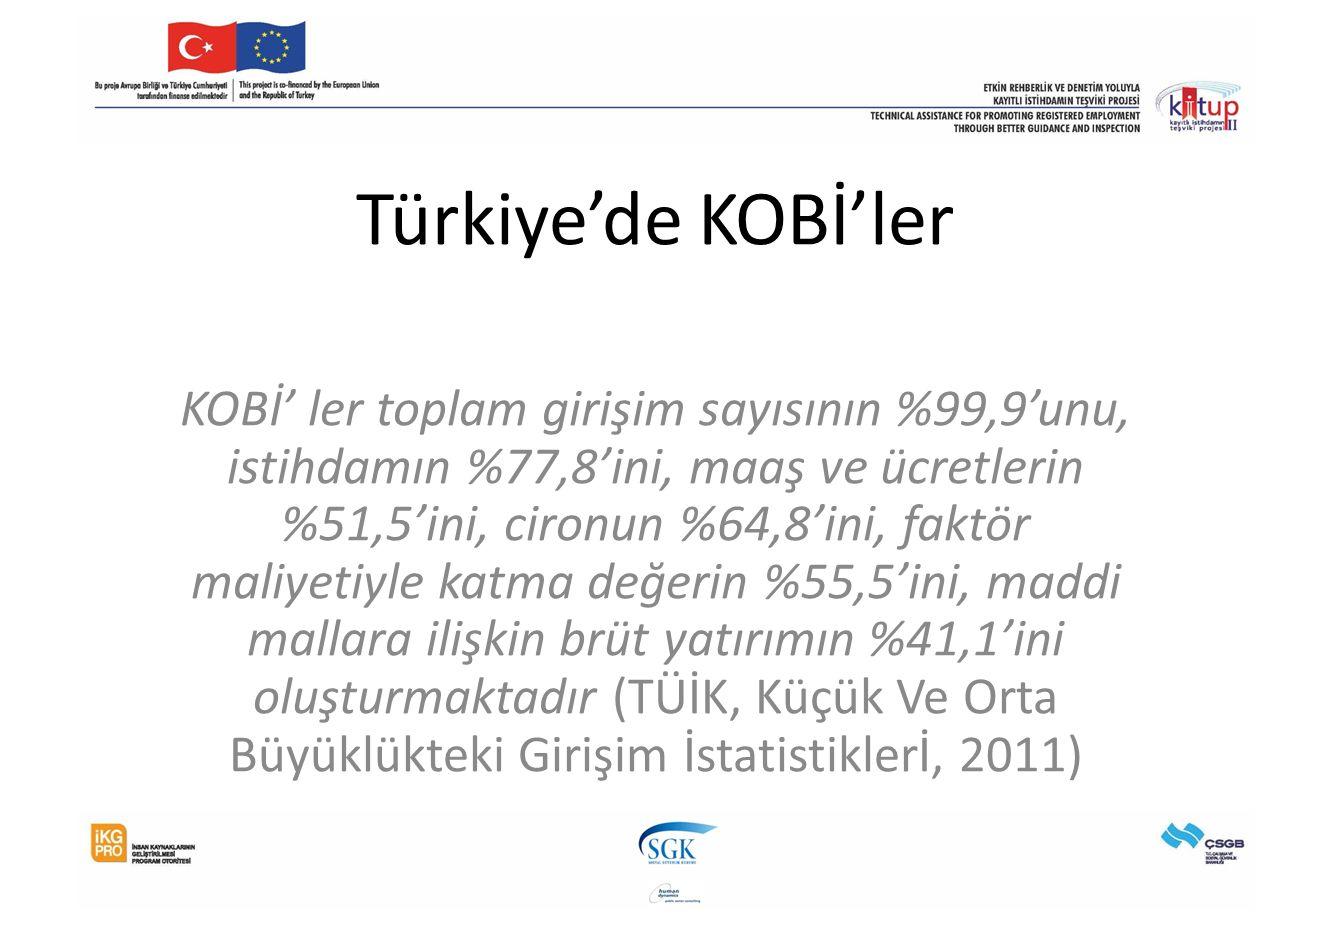 Türkiye'de KOBİ'ler KOBİ' ler toplam girişim sayısının %99,9'unu, istihdamın %77,8'ini, maaş ve ücretlerin %51,5'ini, cironun %64,8'ini, faktör maliye